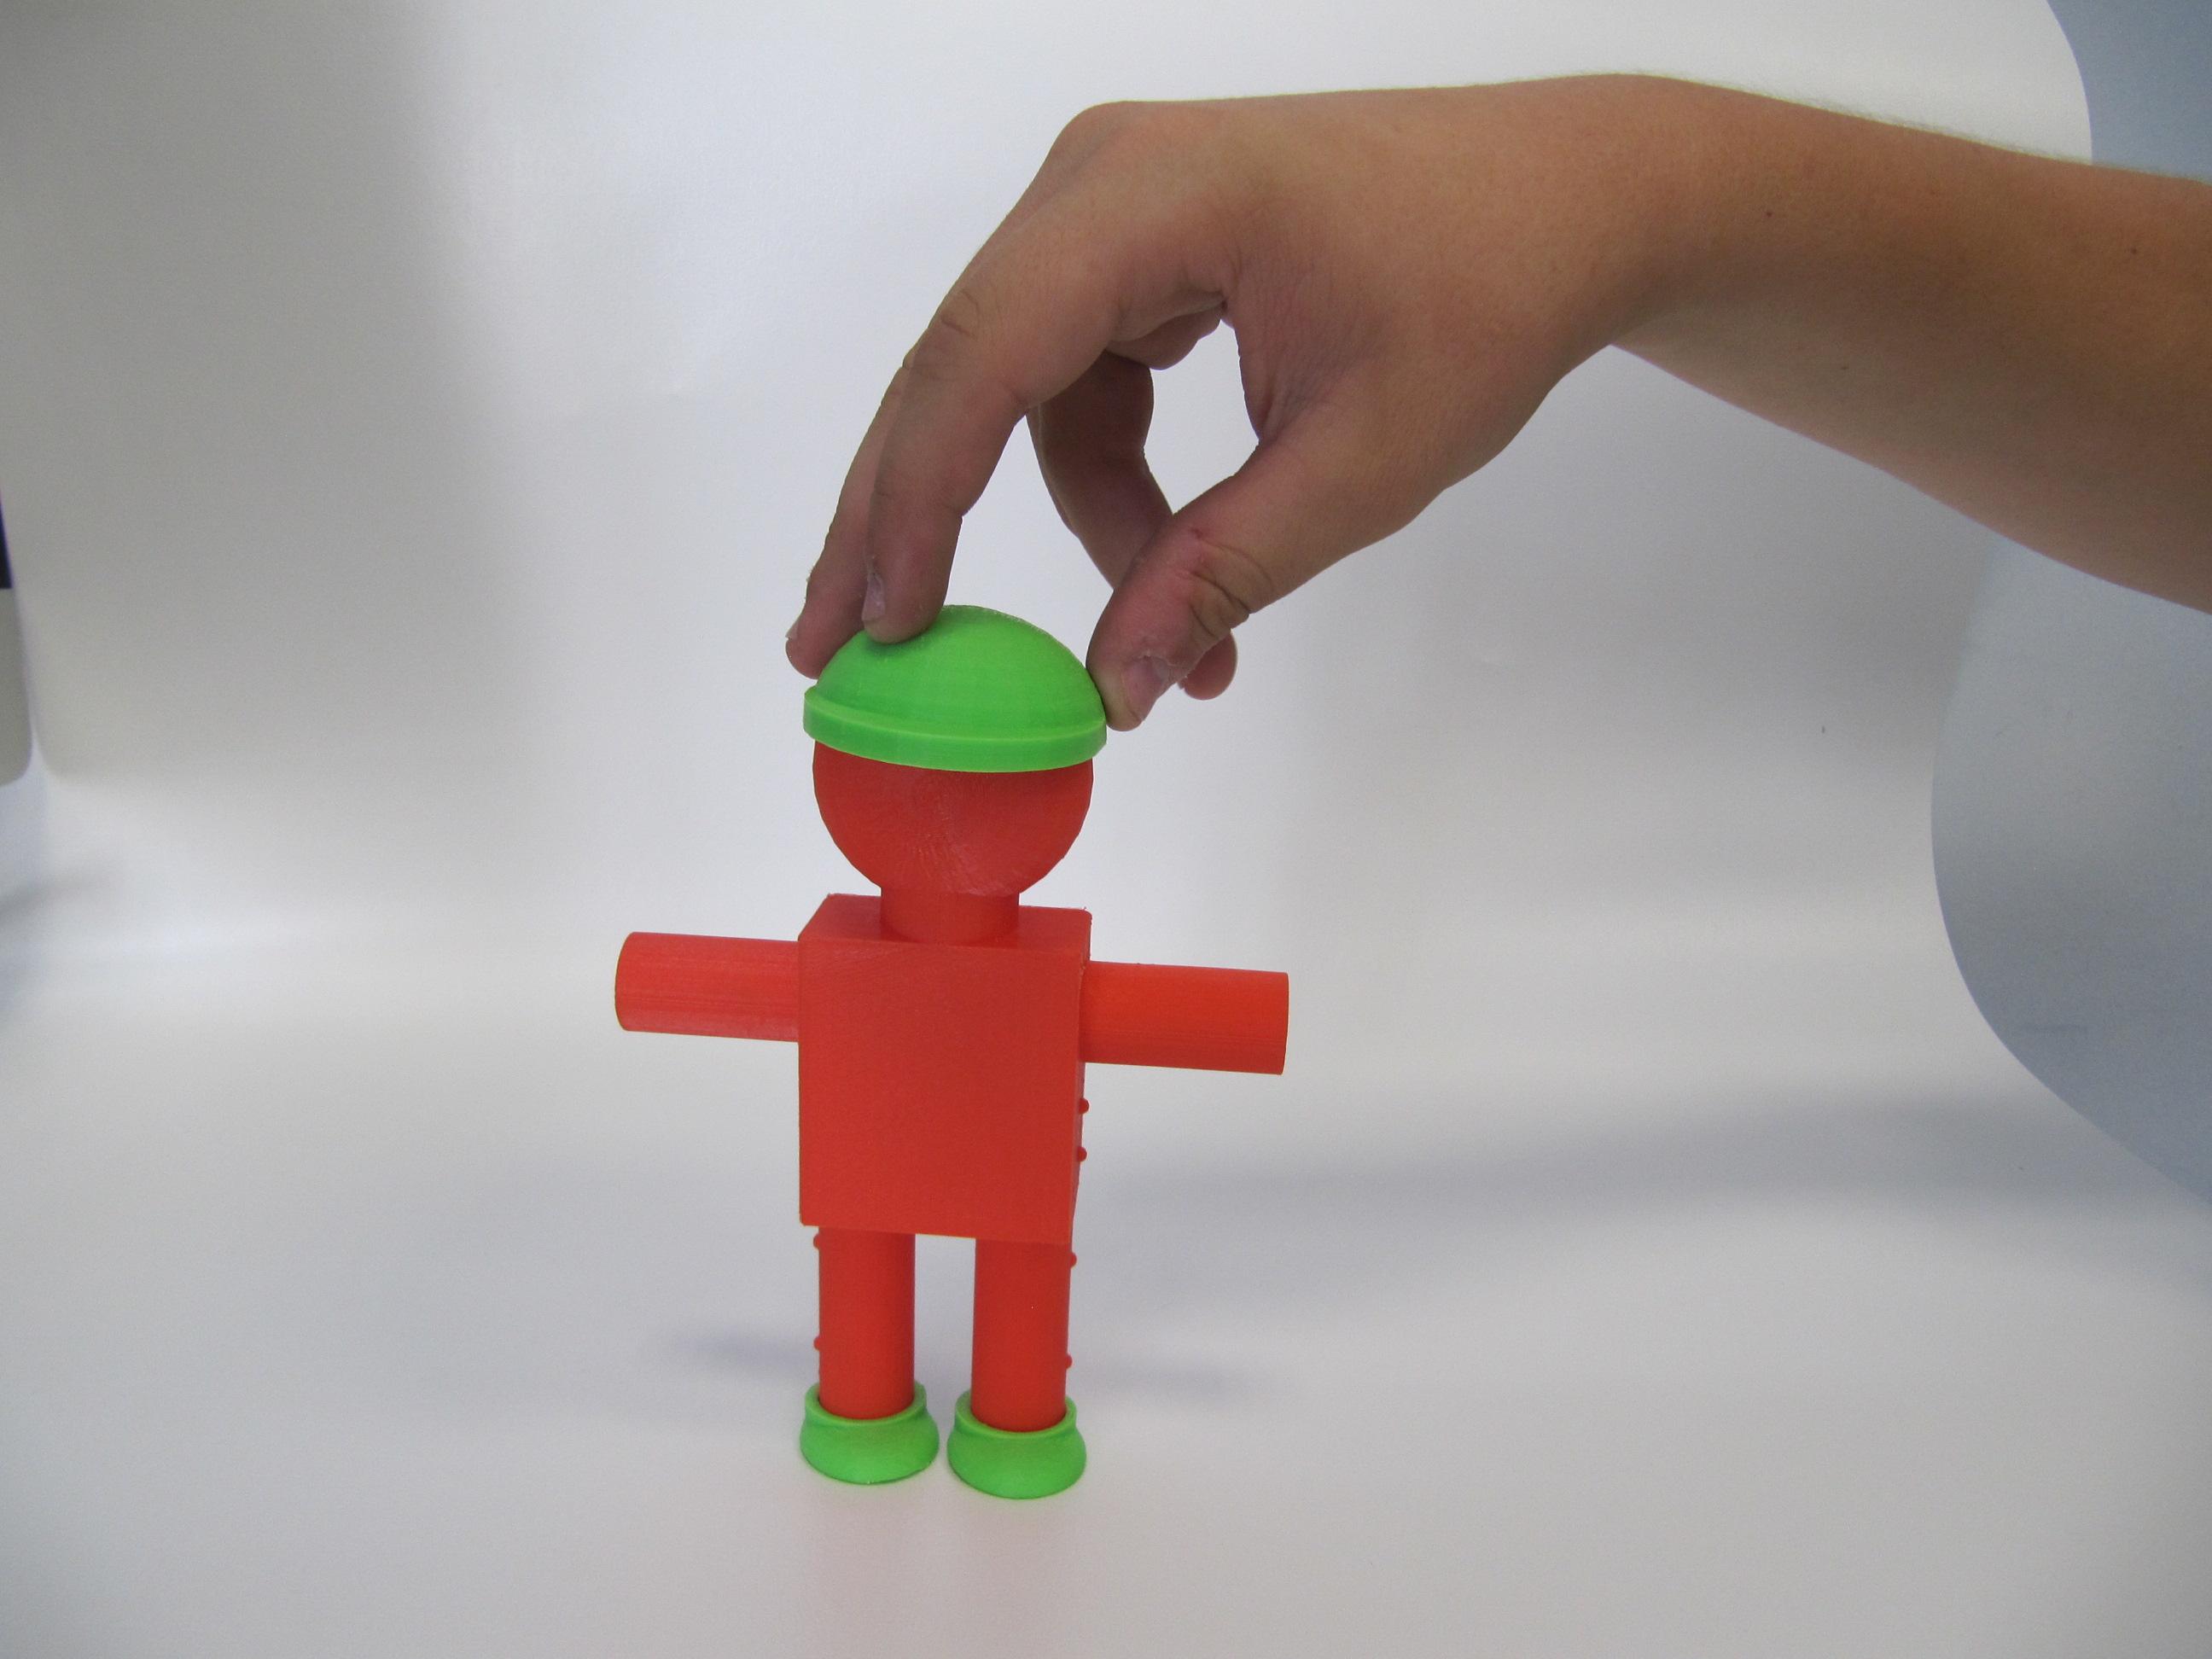 משחק הלבשה בדפסה תלת מימדית